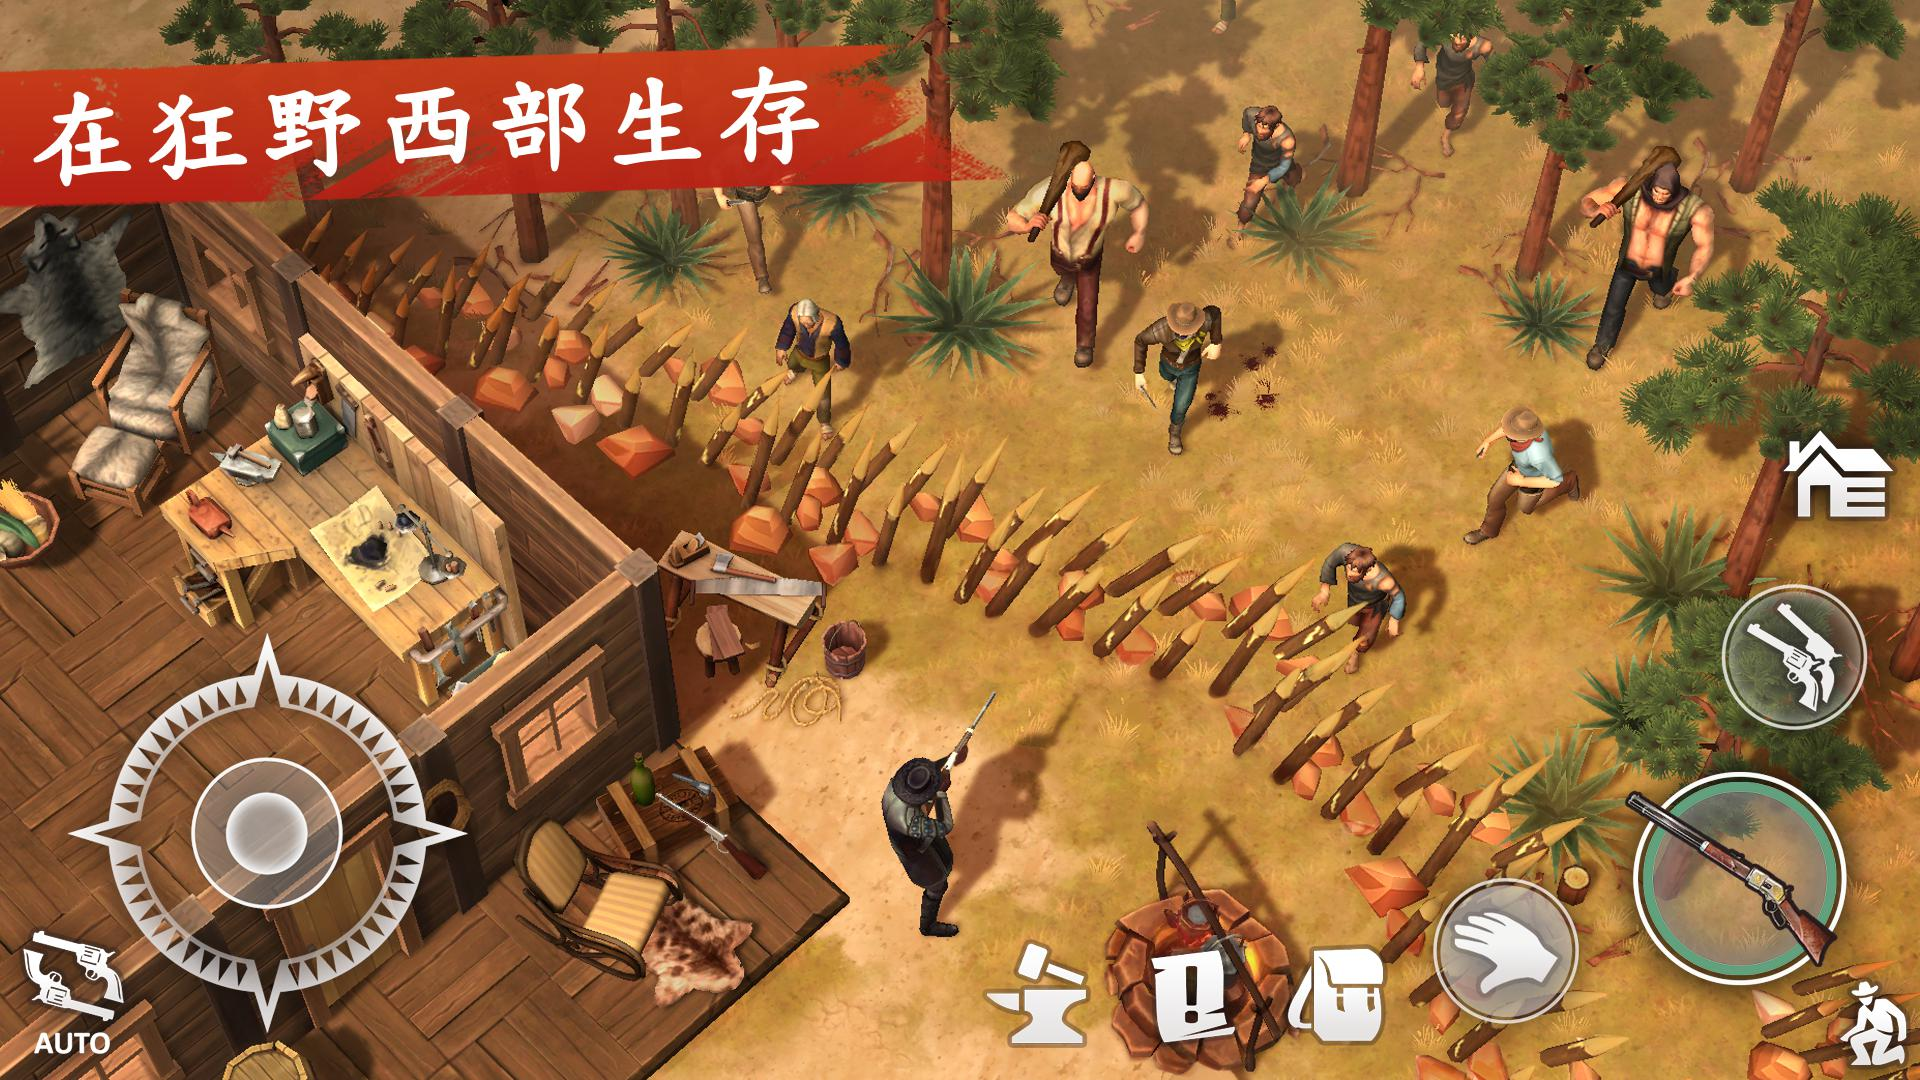 西部世界:生存 游戏截图5